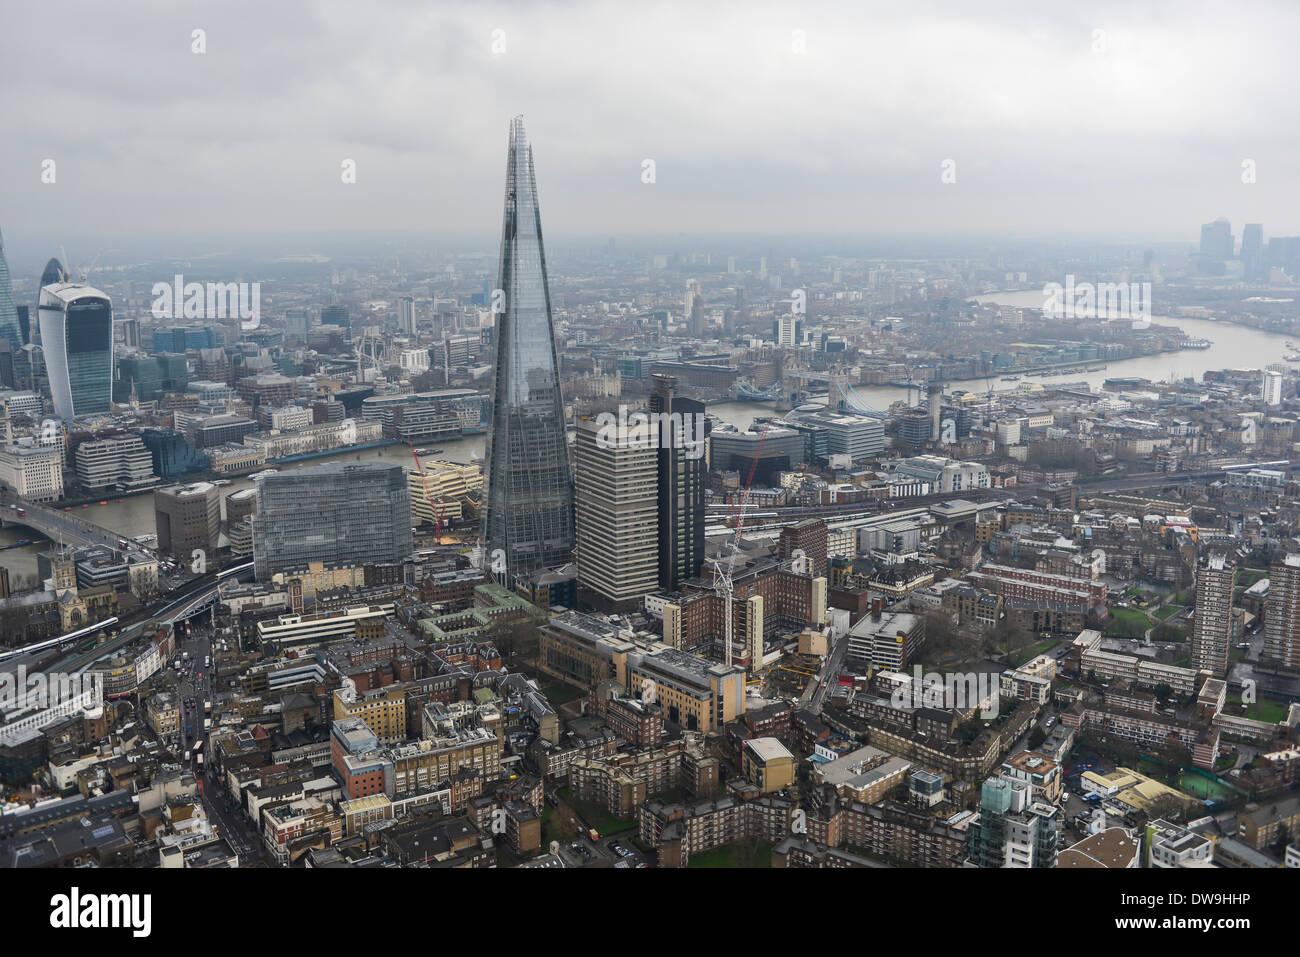 Luftaufnahme zeigt The Shard mit der City of London und Canary Wharf im Hintergrund Stockbild